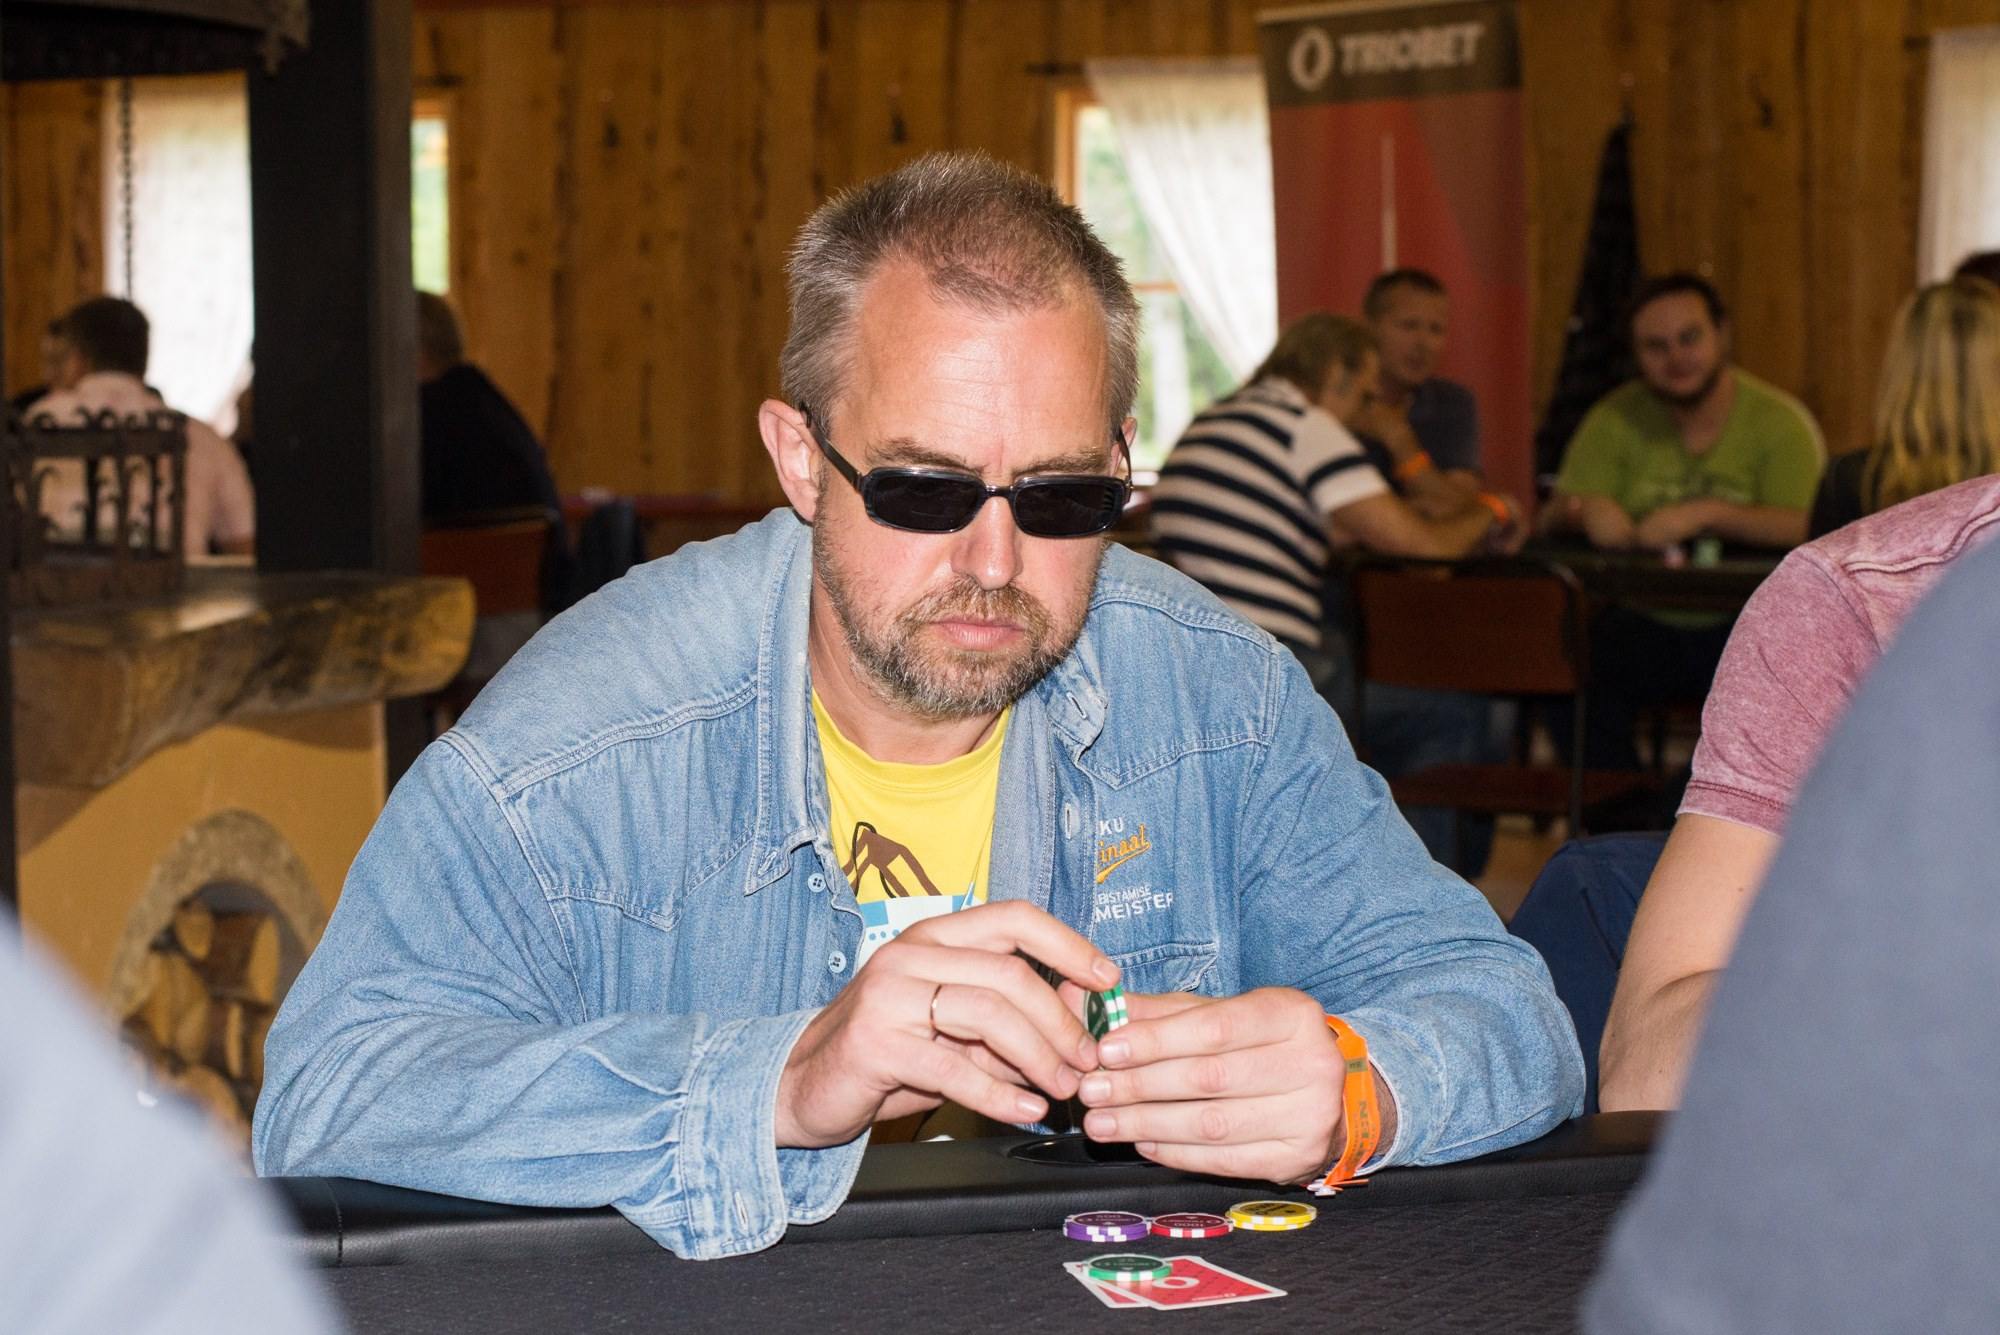 Käimasolevatel online-pokkeri Eesti meistrivõistlustel on harukordselt heasse hoogu sattunud 48-aastane saarlane Marko Kolk. Ta sai Eesti meistritiitli kahes erinevas mänguviisis. Kahe turniiri võitmine ühe päeva jooksul on kahtlemata midagi erakordset, […]